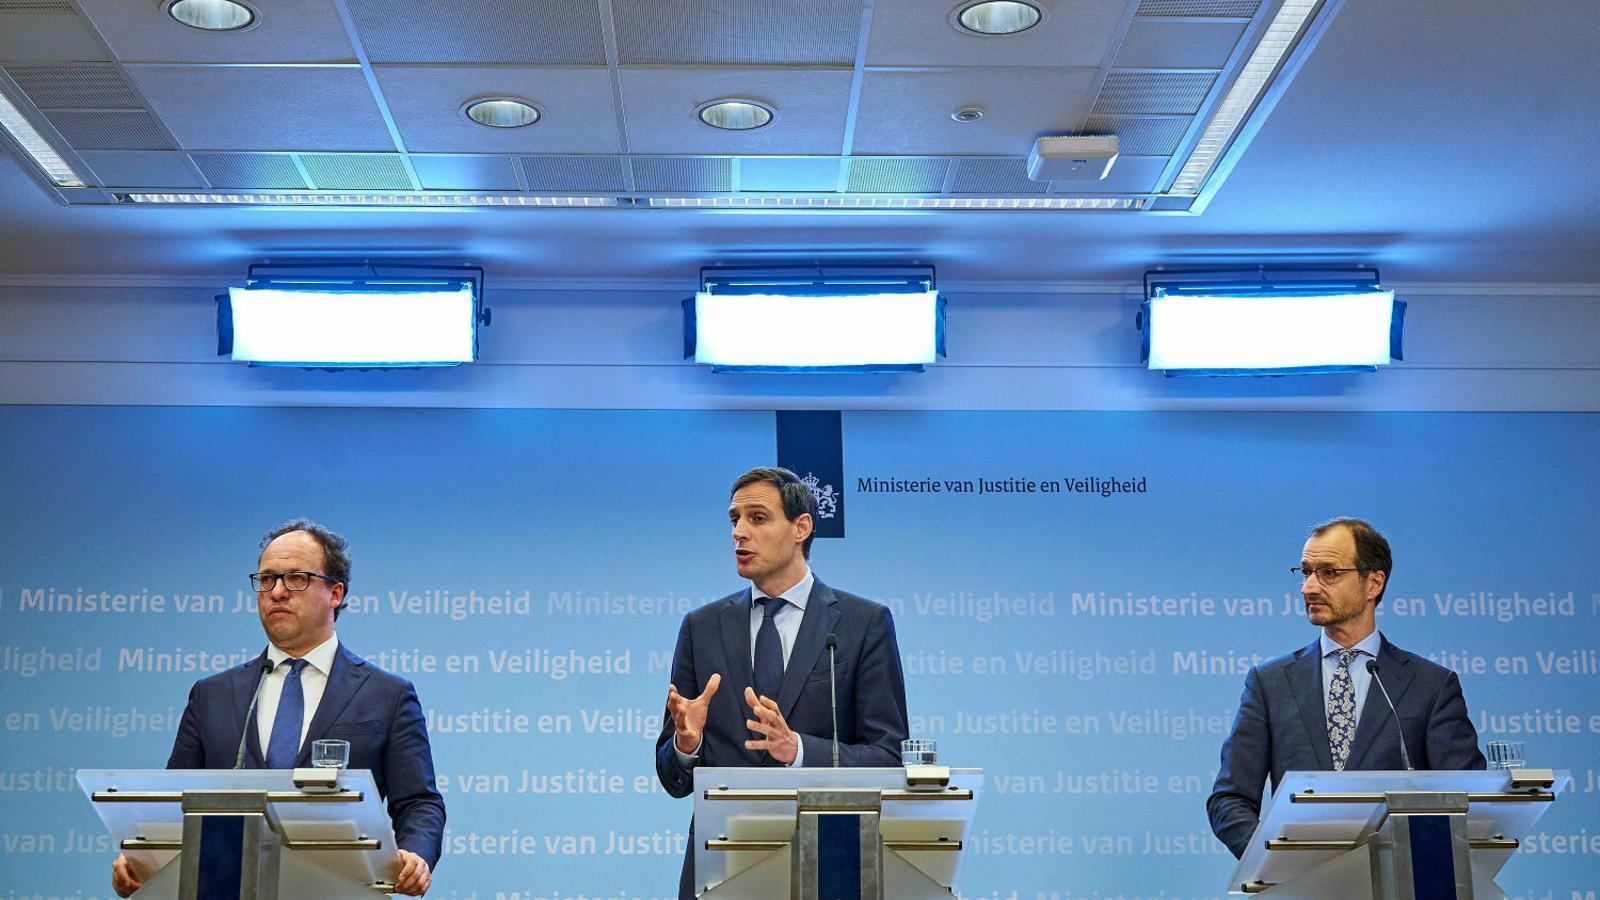 Els Països Baixos: l'estat europeu del no a tot